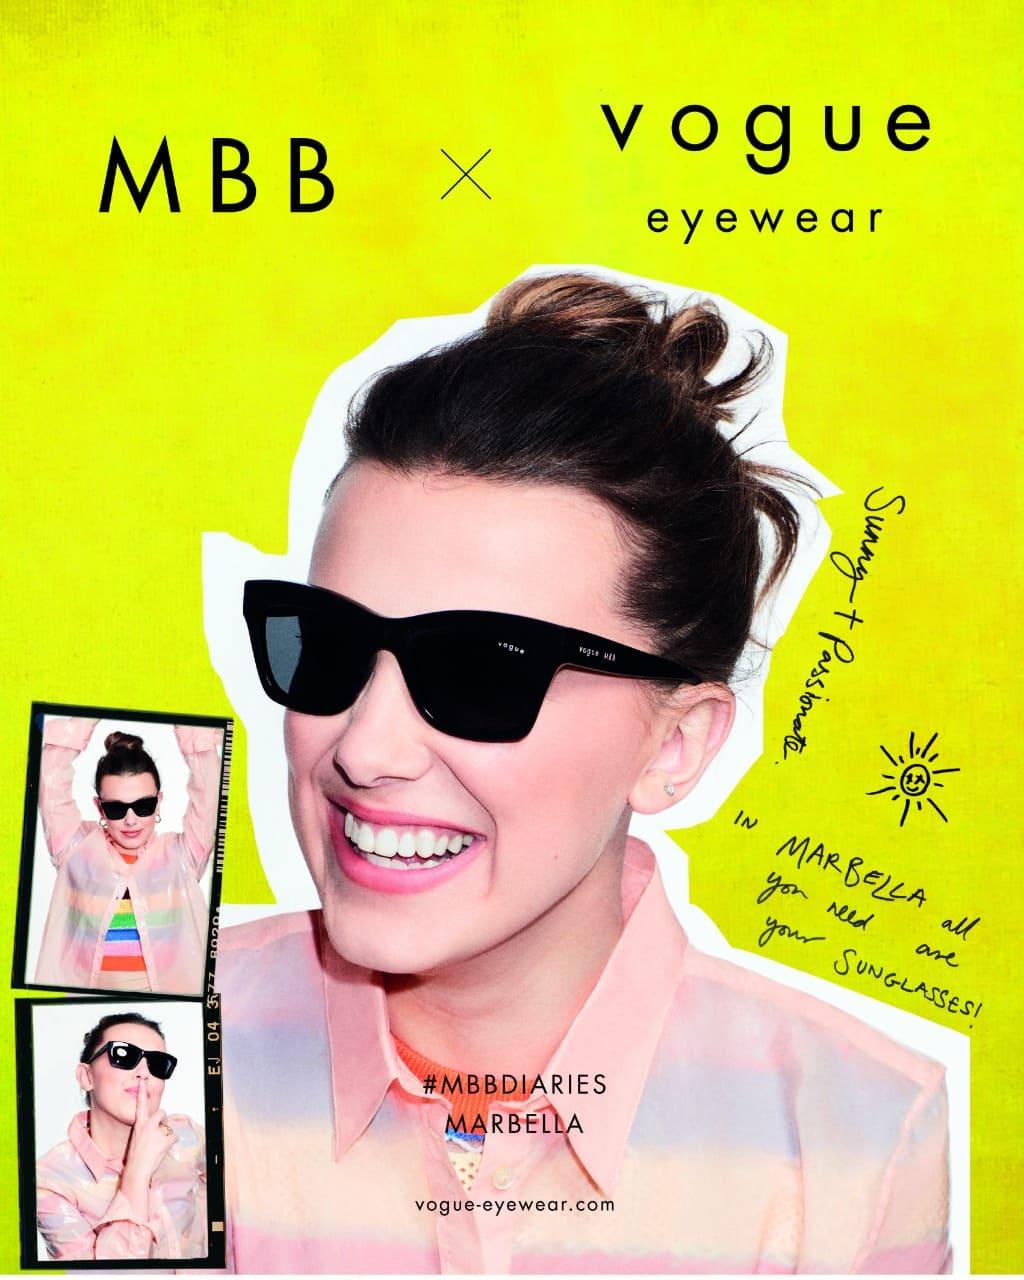 Vogue Eyewear presenta #MBBDIARIES, una colección inspirada por la actriz Millie Bobby Brown en ópticas GMO